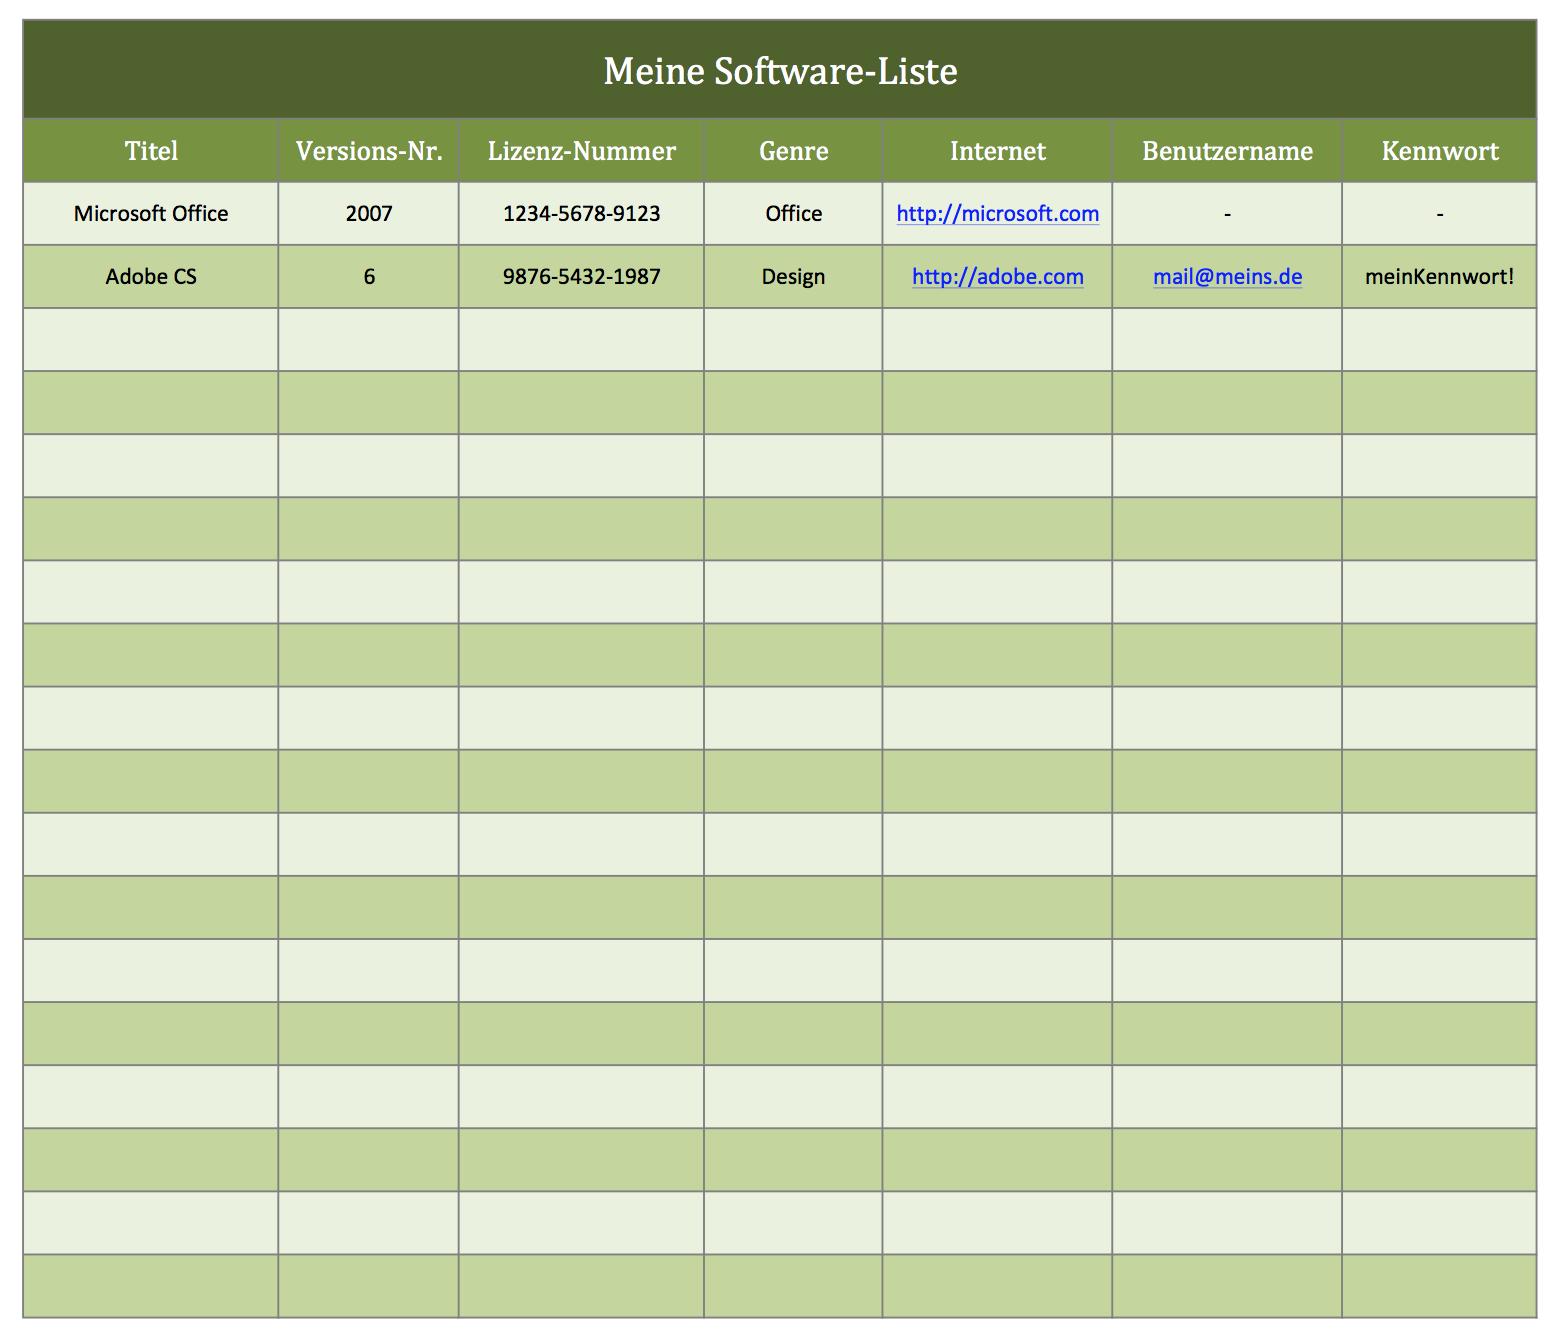 Ihr Software-Katalog als Excel-Vorlage